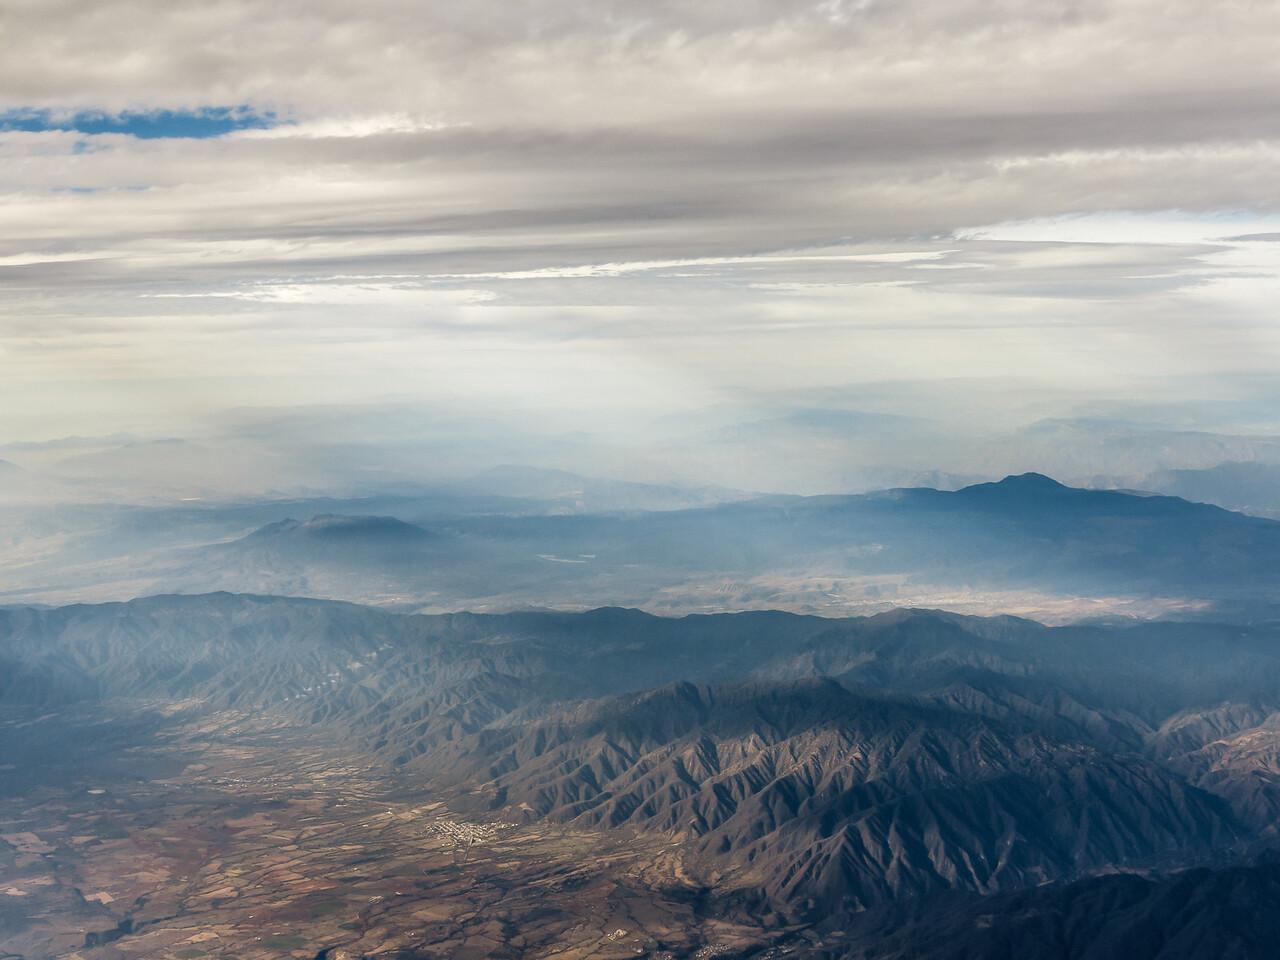 Sierra Madres #3